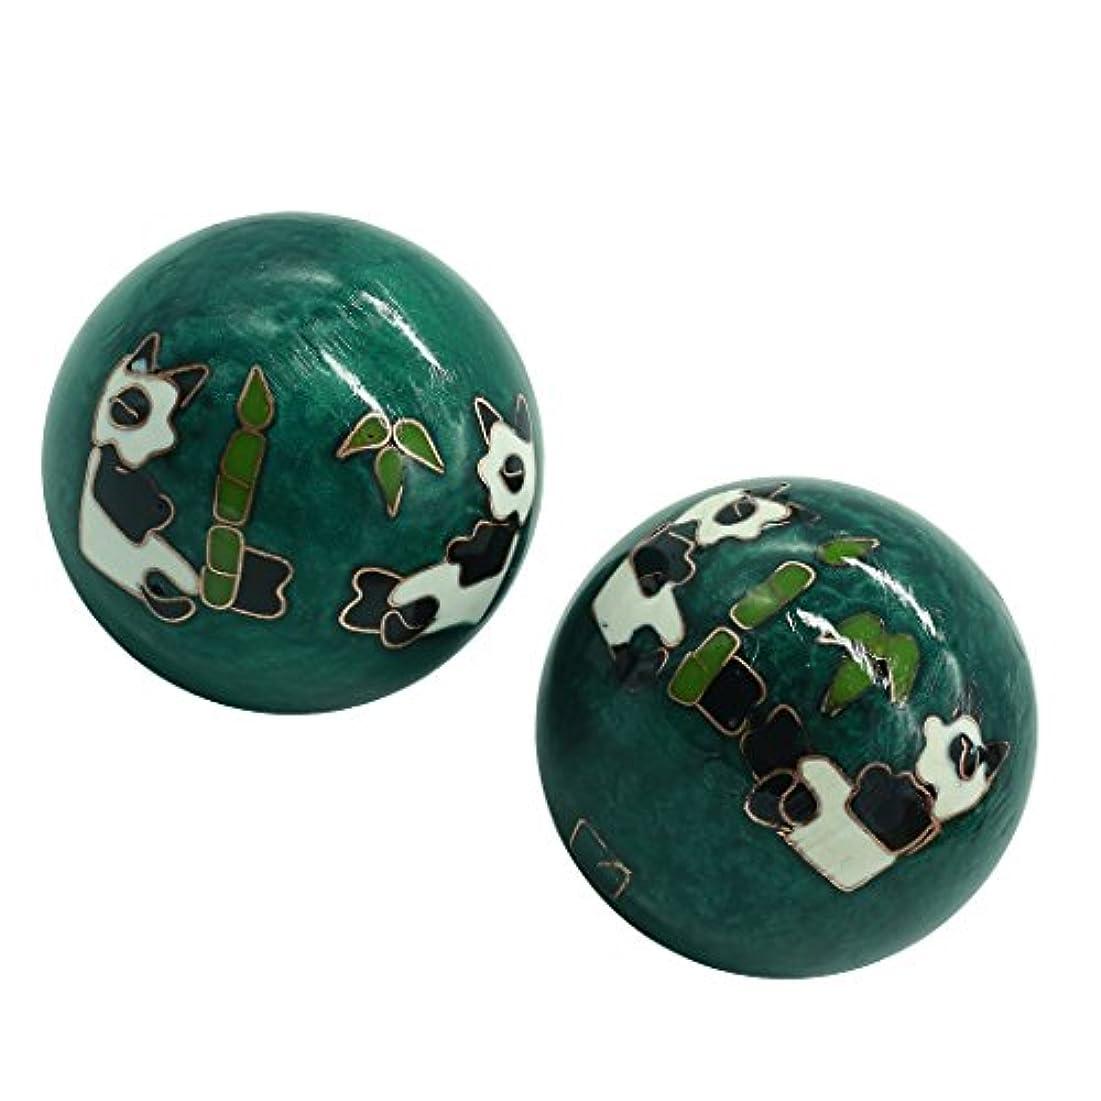 風水グッズ 健康球 健身球 脳 活性 ストレス トレーニング器具 手の機能回復 2個 パンダ (グリーン, 35mm) INB168